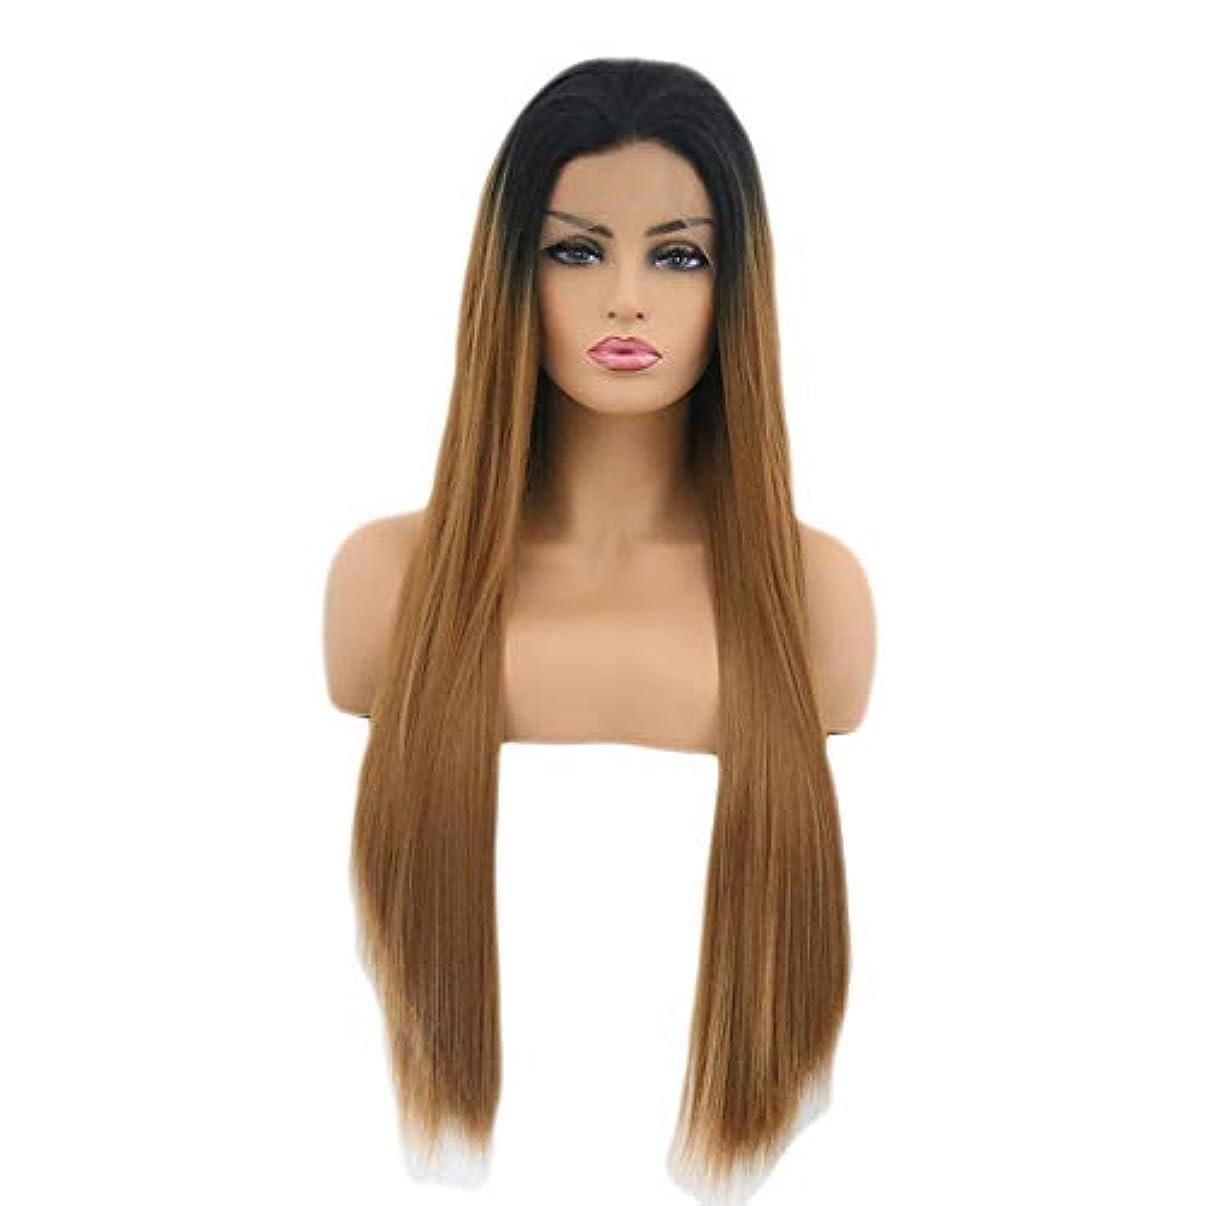 ナイロン薄いです勃起ファッショナブルな女性のかつら、長いストレートの髪のかつら、任意の頭の形のための高温ワイヤー調節可能なかつら16-26インチの自然なフロントレースのグラデーション